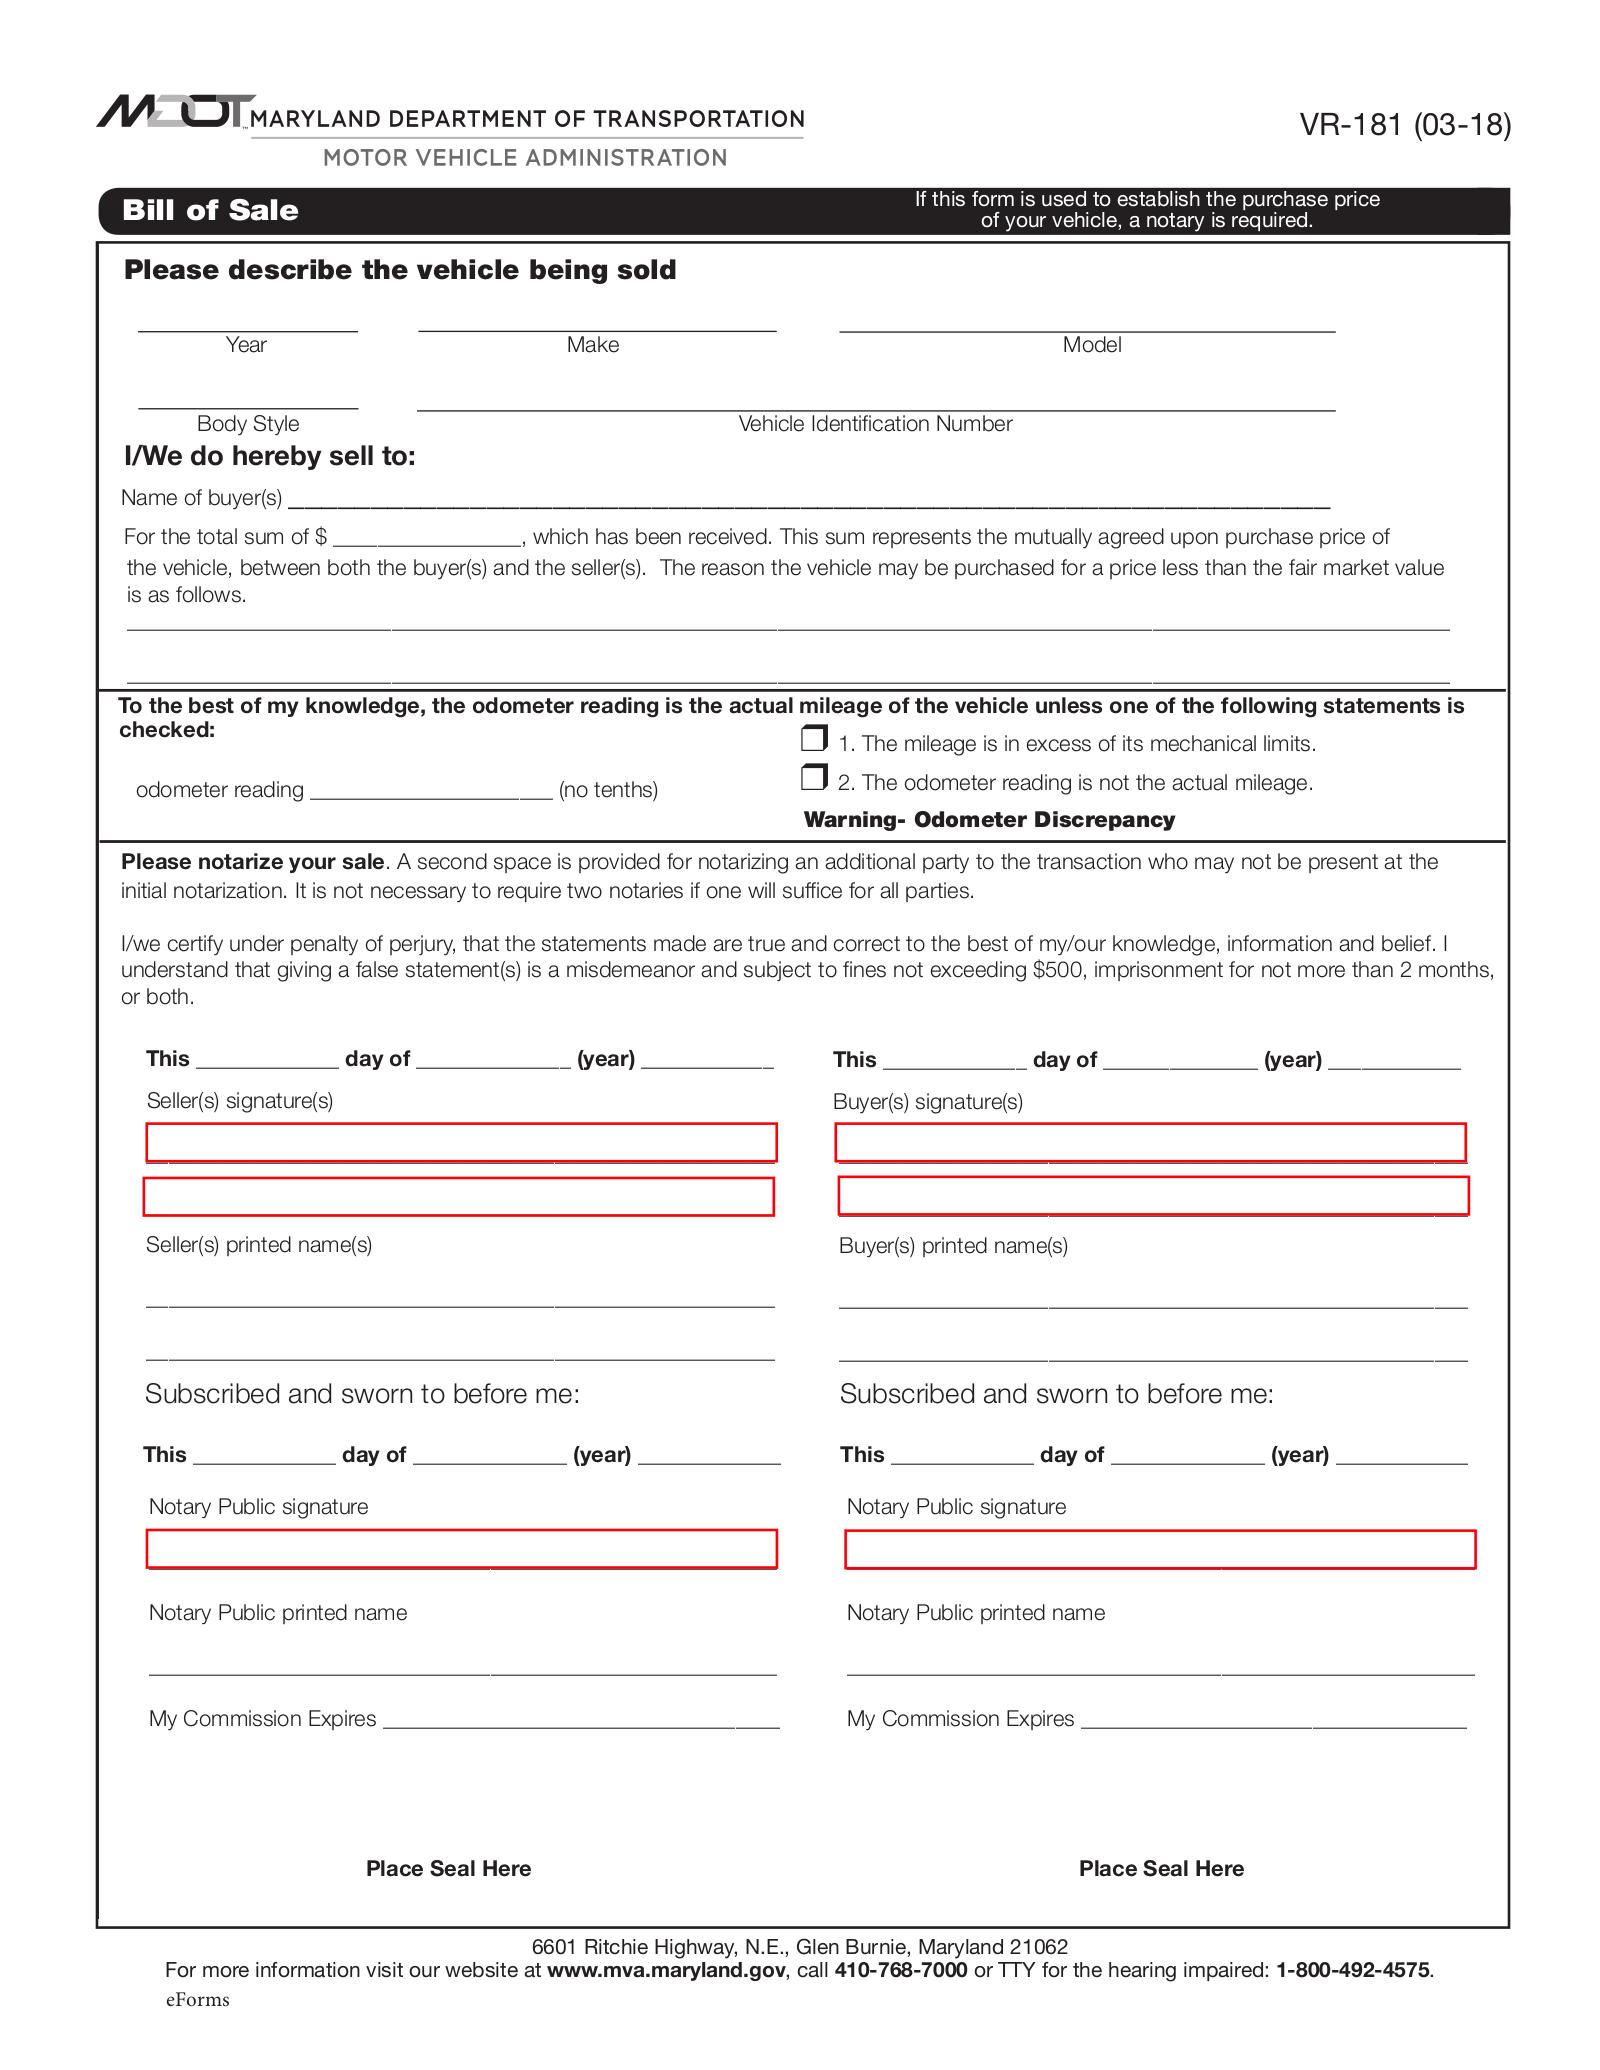 Maryland Motor Vehicle Bill Of Sale Form Vr 181 Eforms